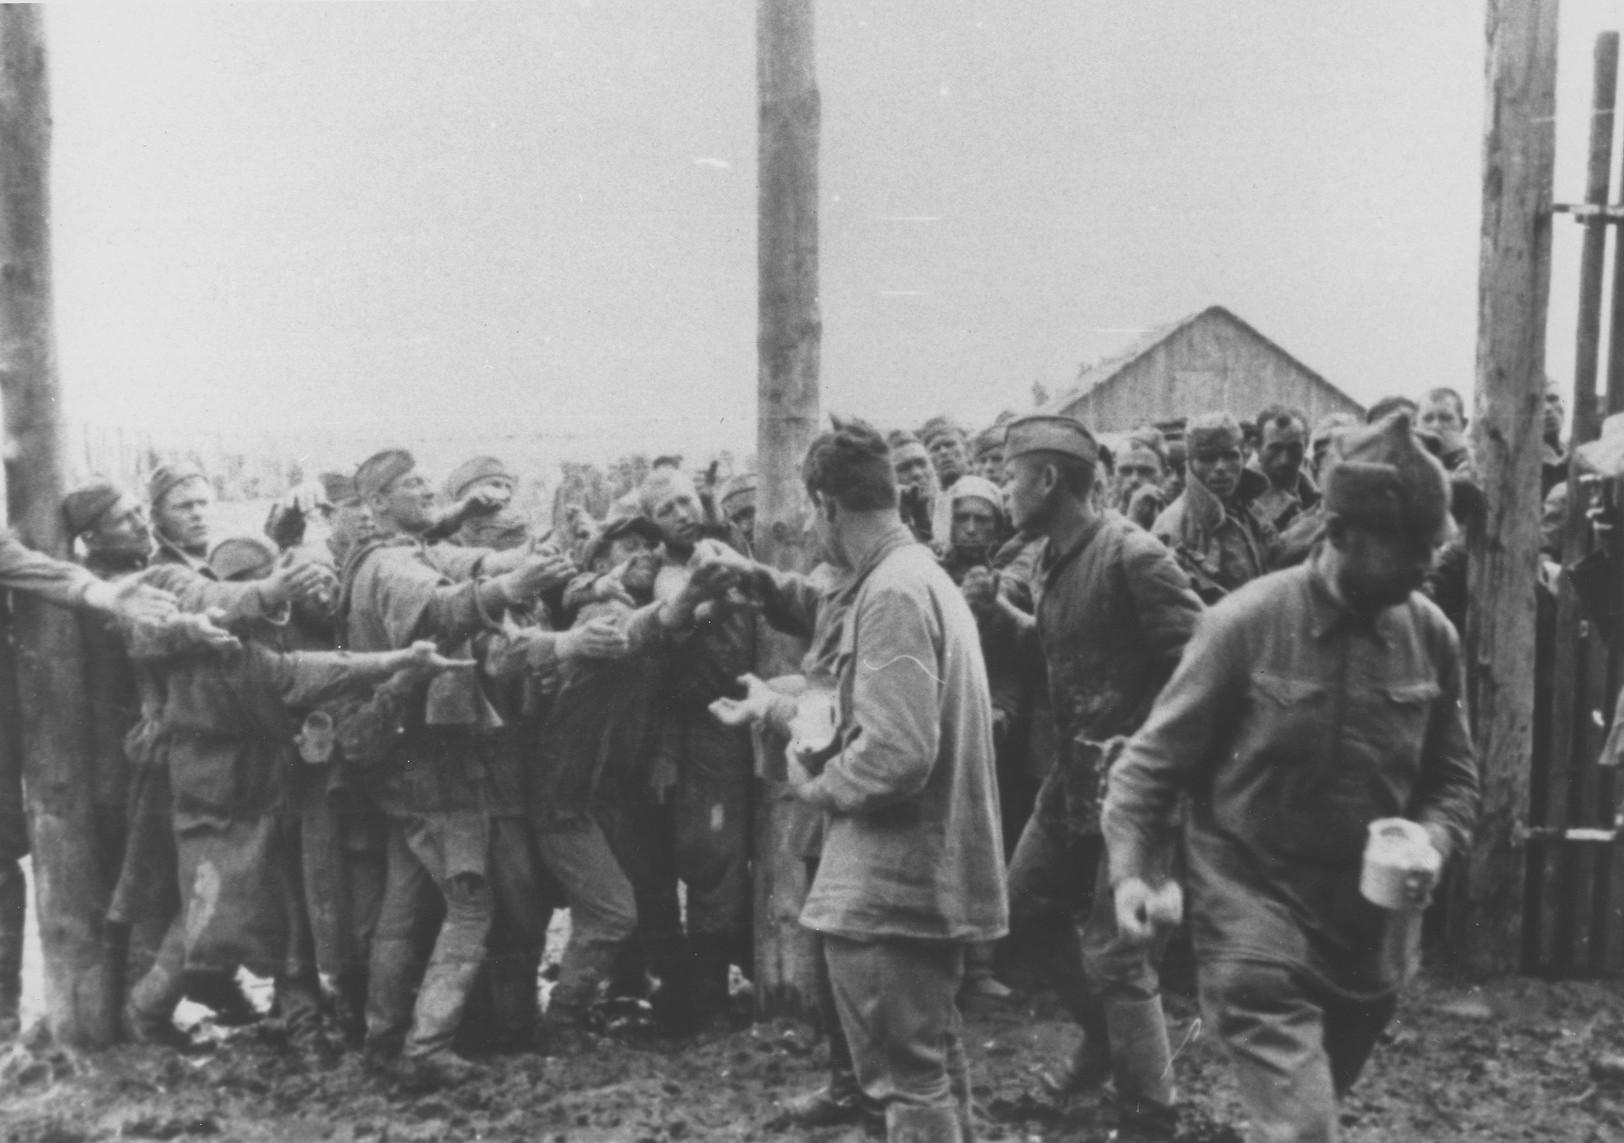 File:Bundesarchiv Bild 146-1979-113-04, Lager Winnica, gefangene Russen.jpg  - Wikimedia Commons